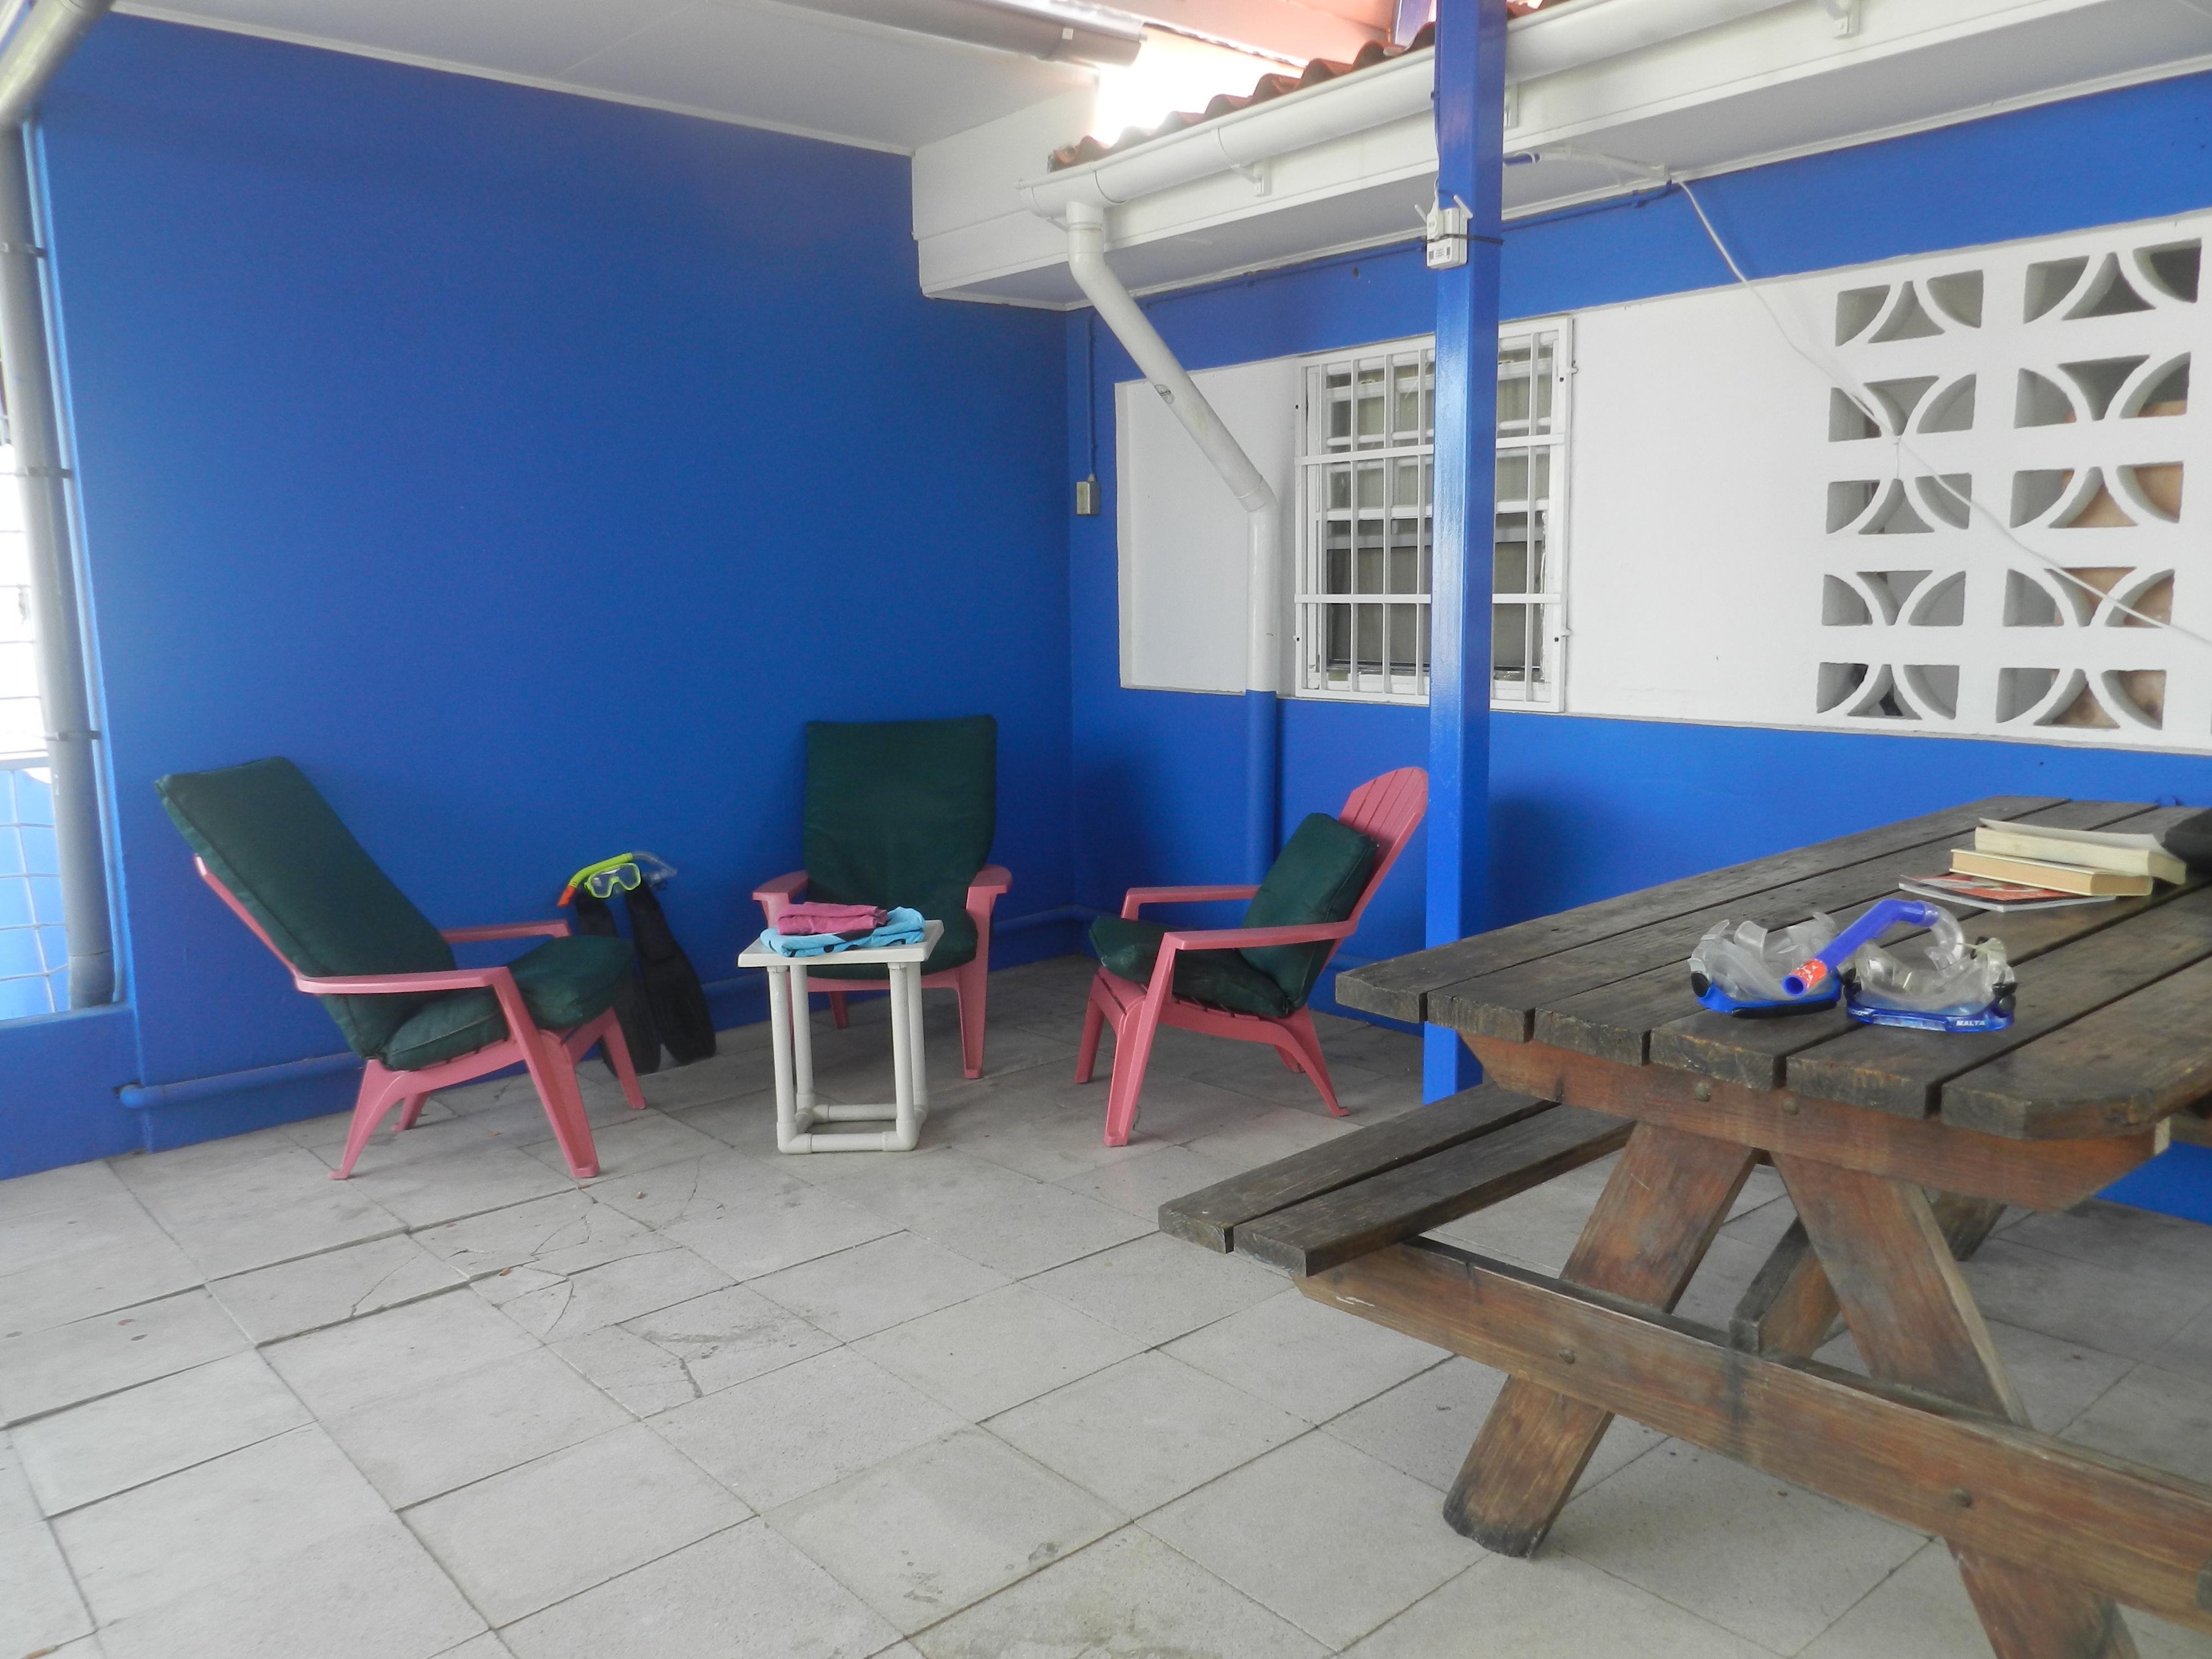 Zijkant studio en kamers van studentenhuis Curacao